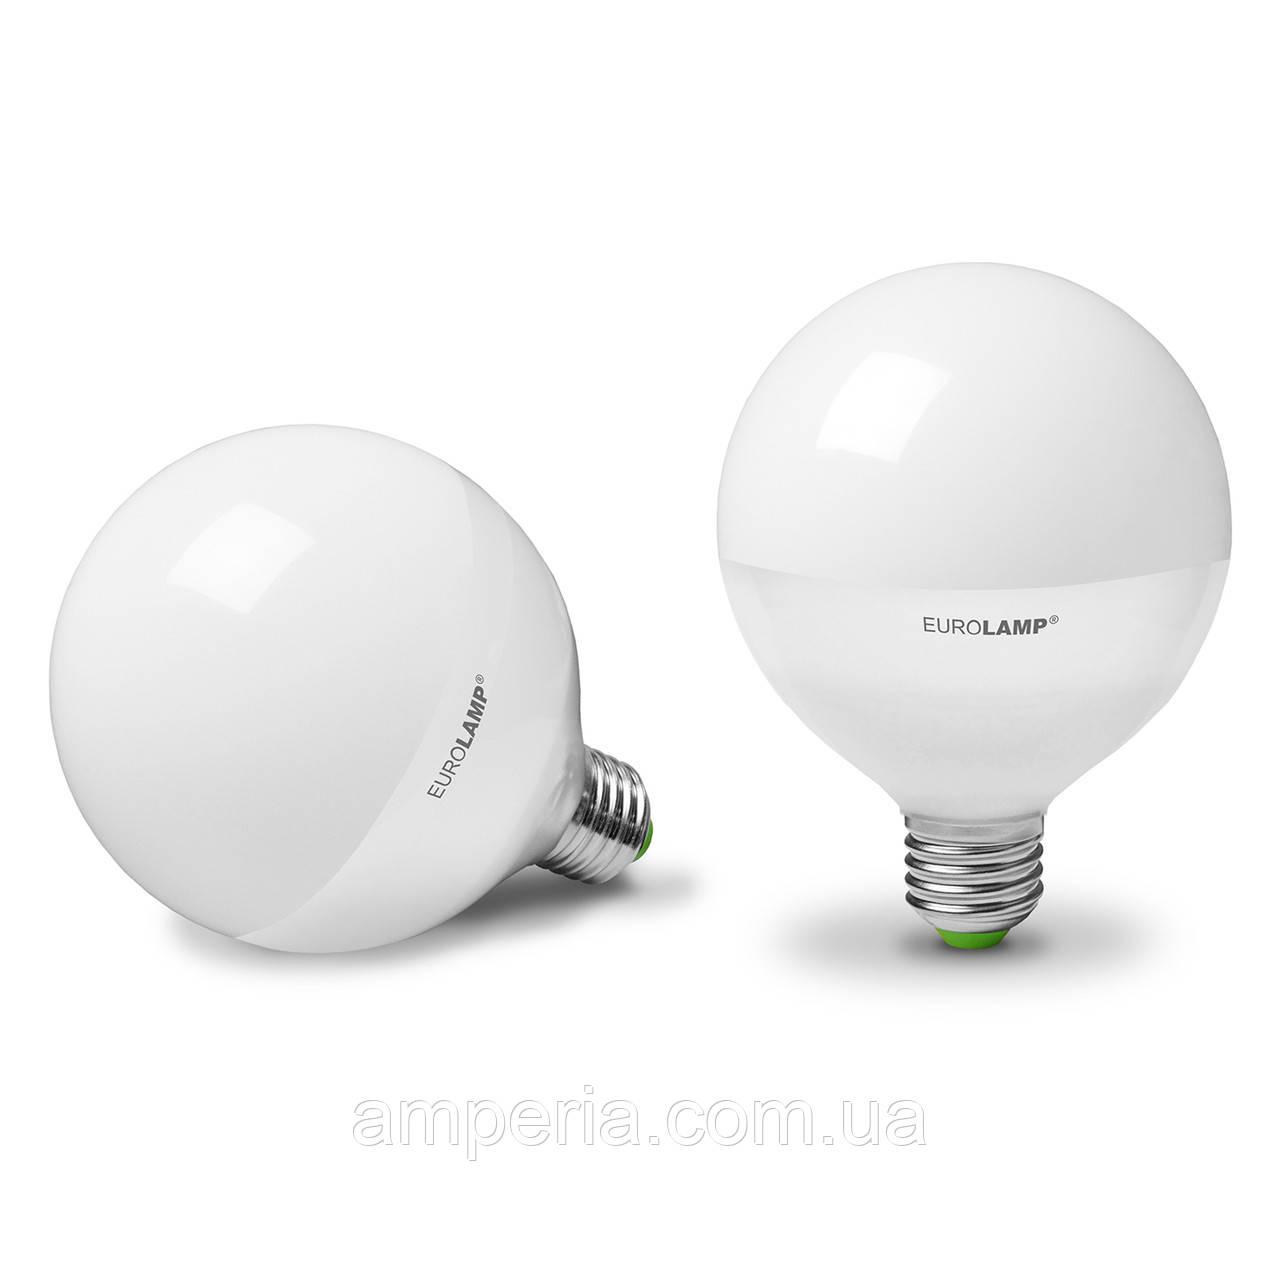 EUROLAMP LED Лампа ЕКО G95 15W E27 4000K (LED-G95-15274(D))